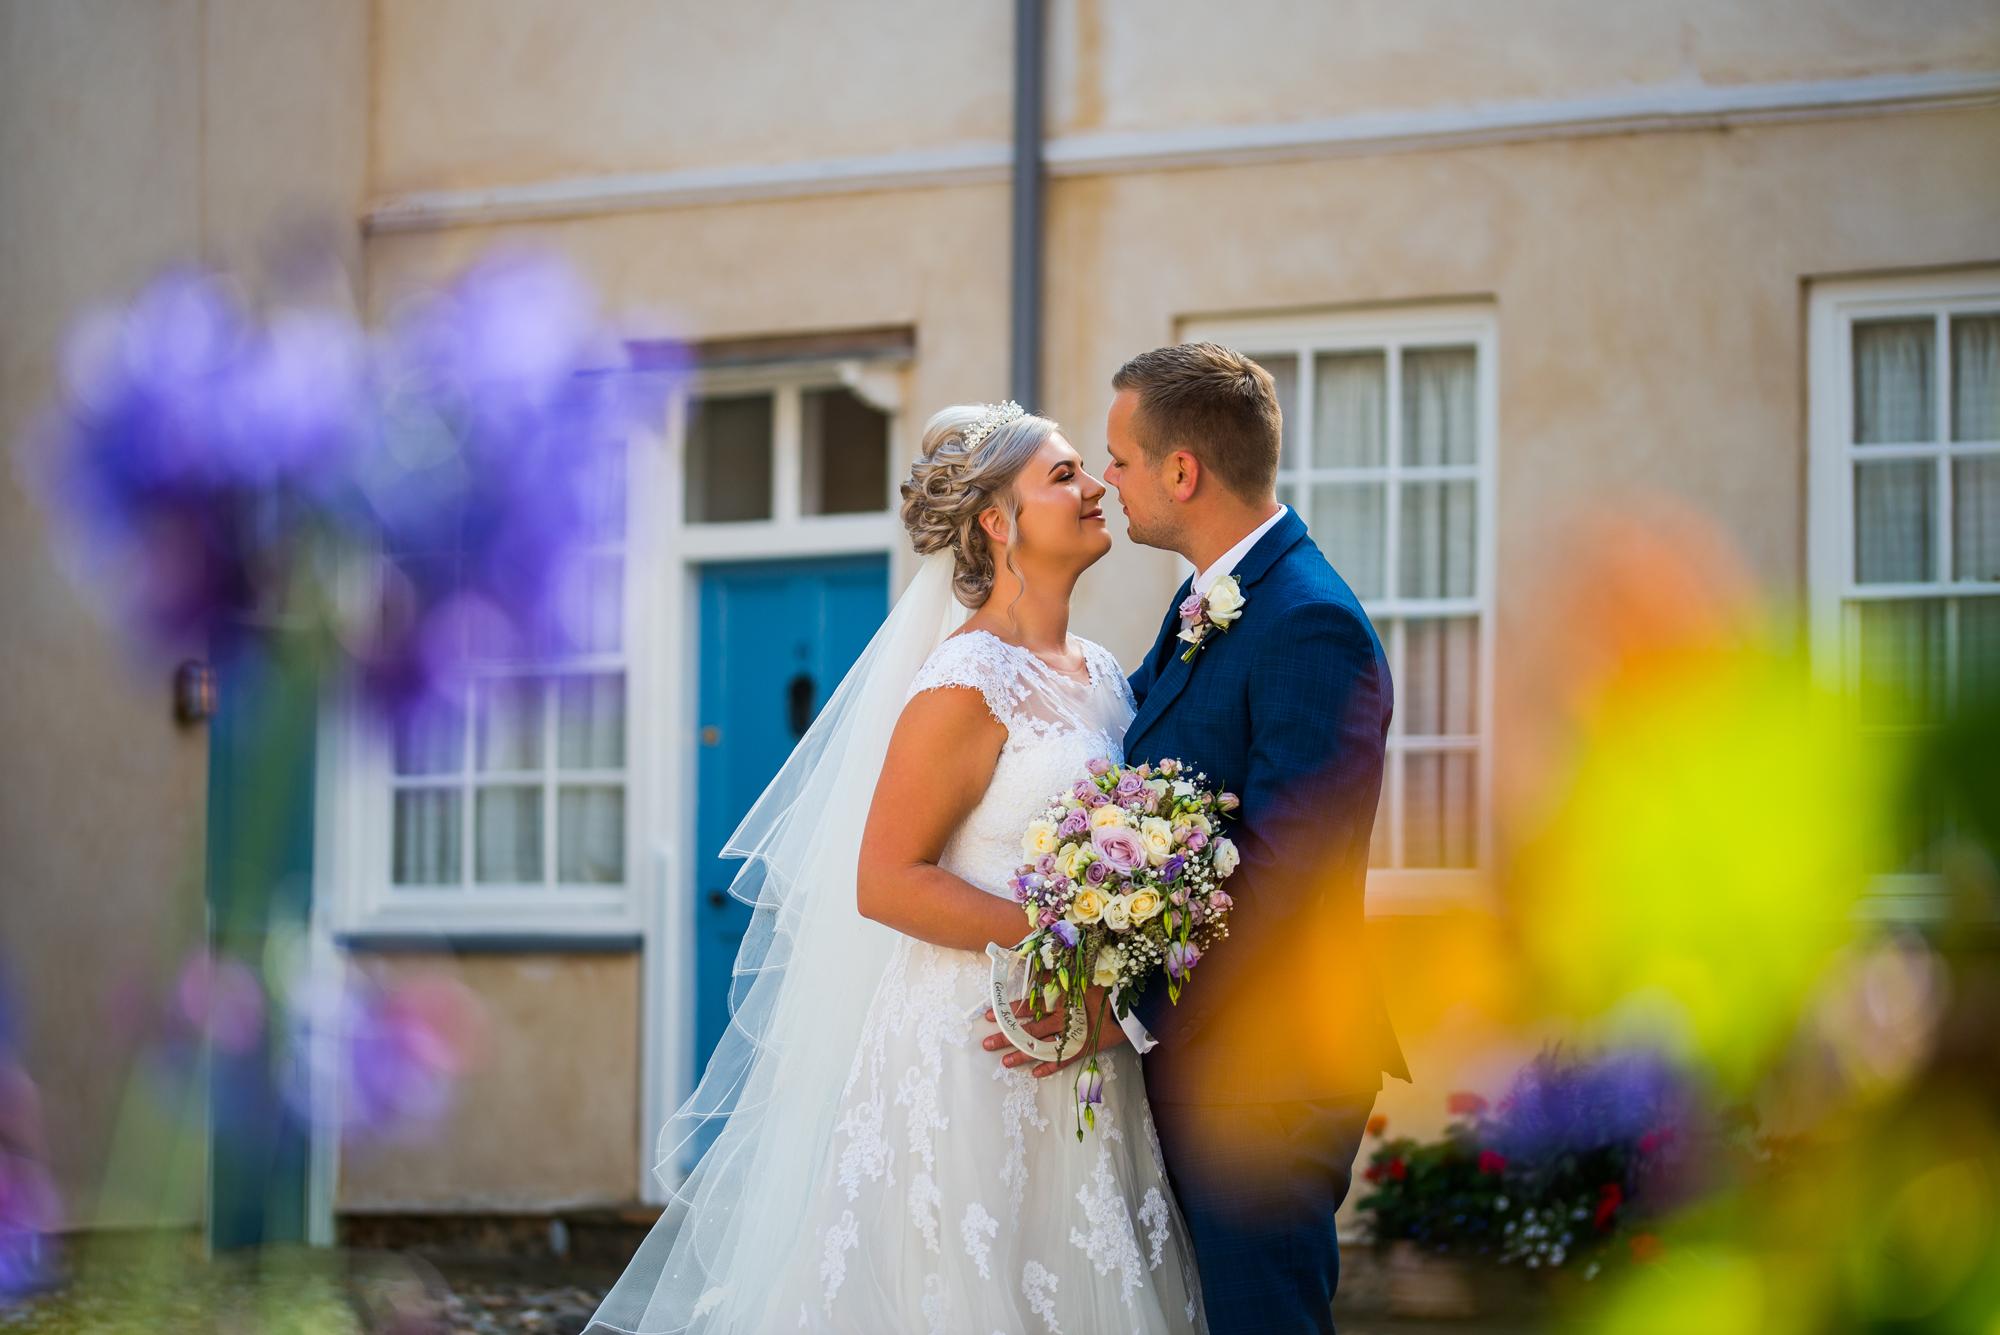 Nottingham wedding photographer in Kings Lynn